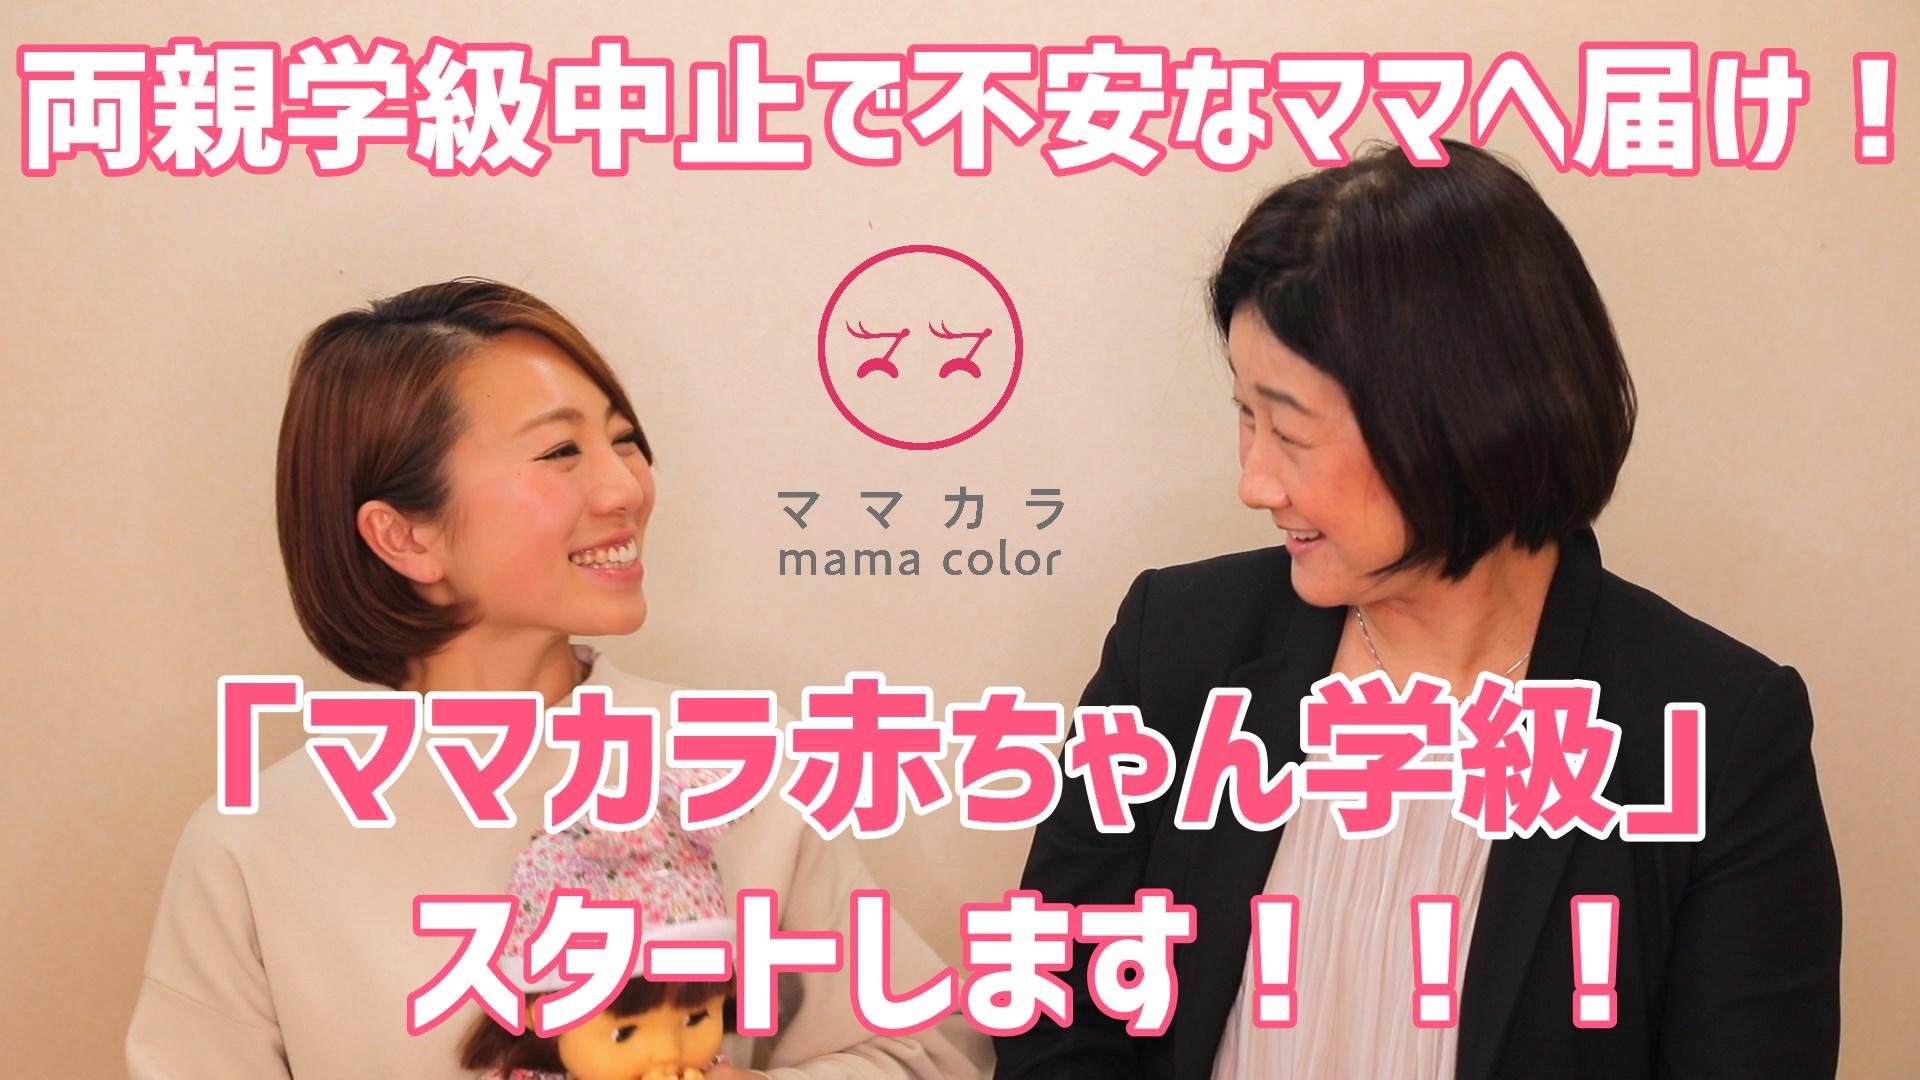 4月9日(木)オンライン番組「ママカラ赤ちゃん学級」をスタートします